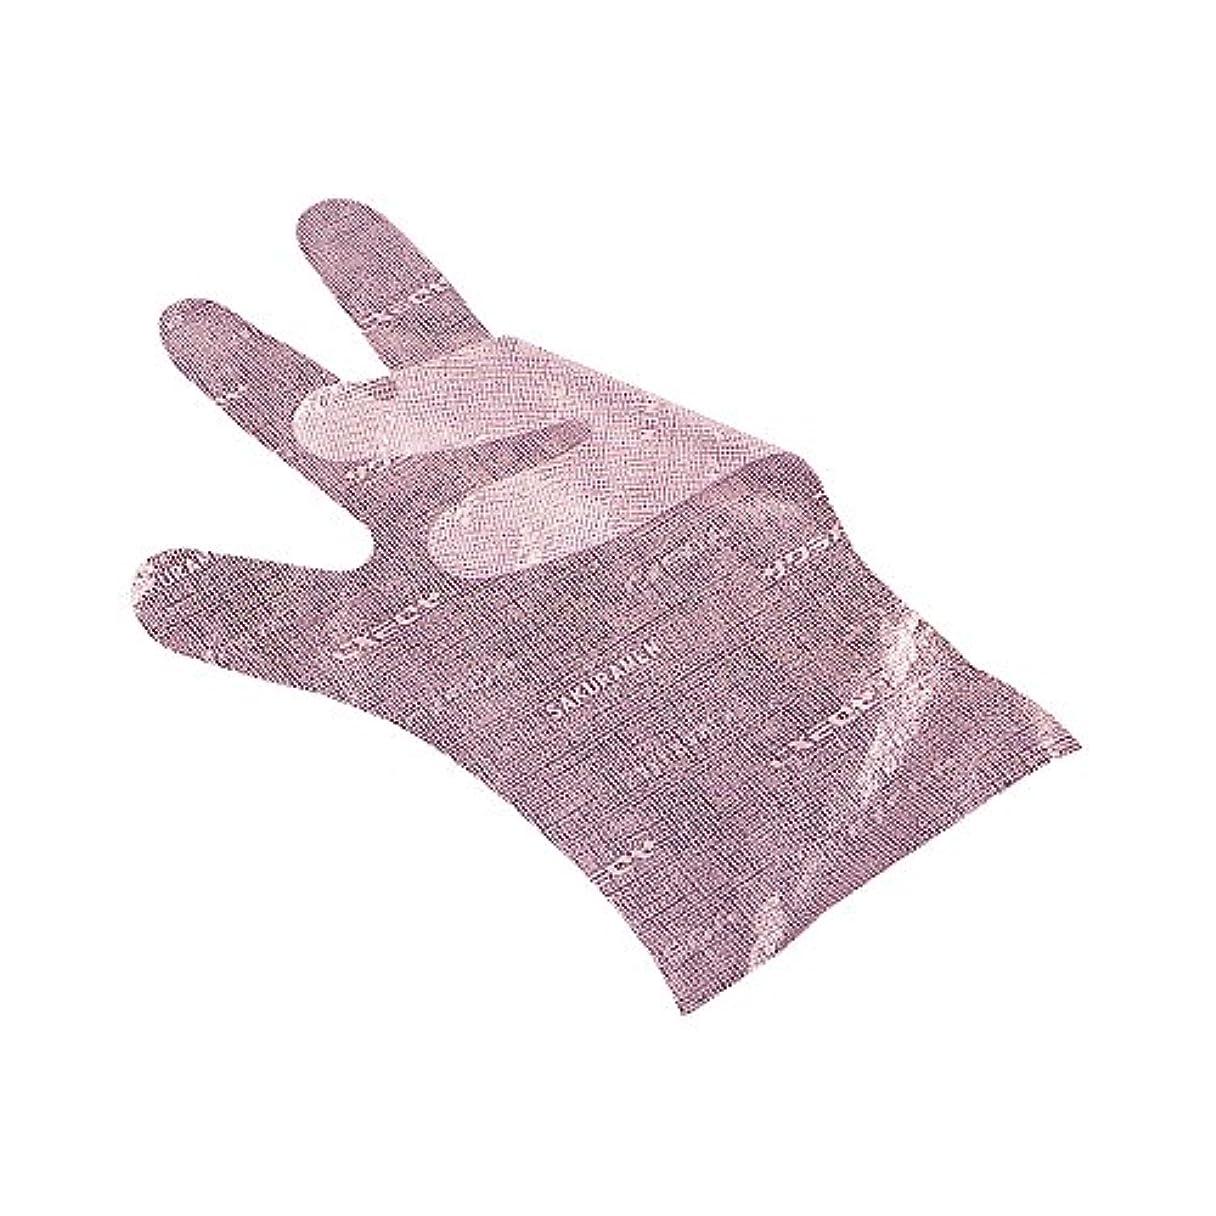 ビバ大洪水論理的サクラメンエンボス手袋 デラックス ピンク L 100枚入